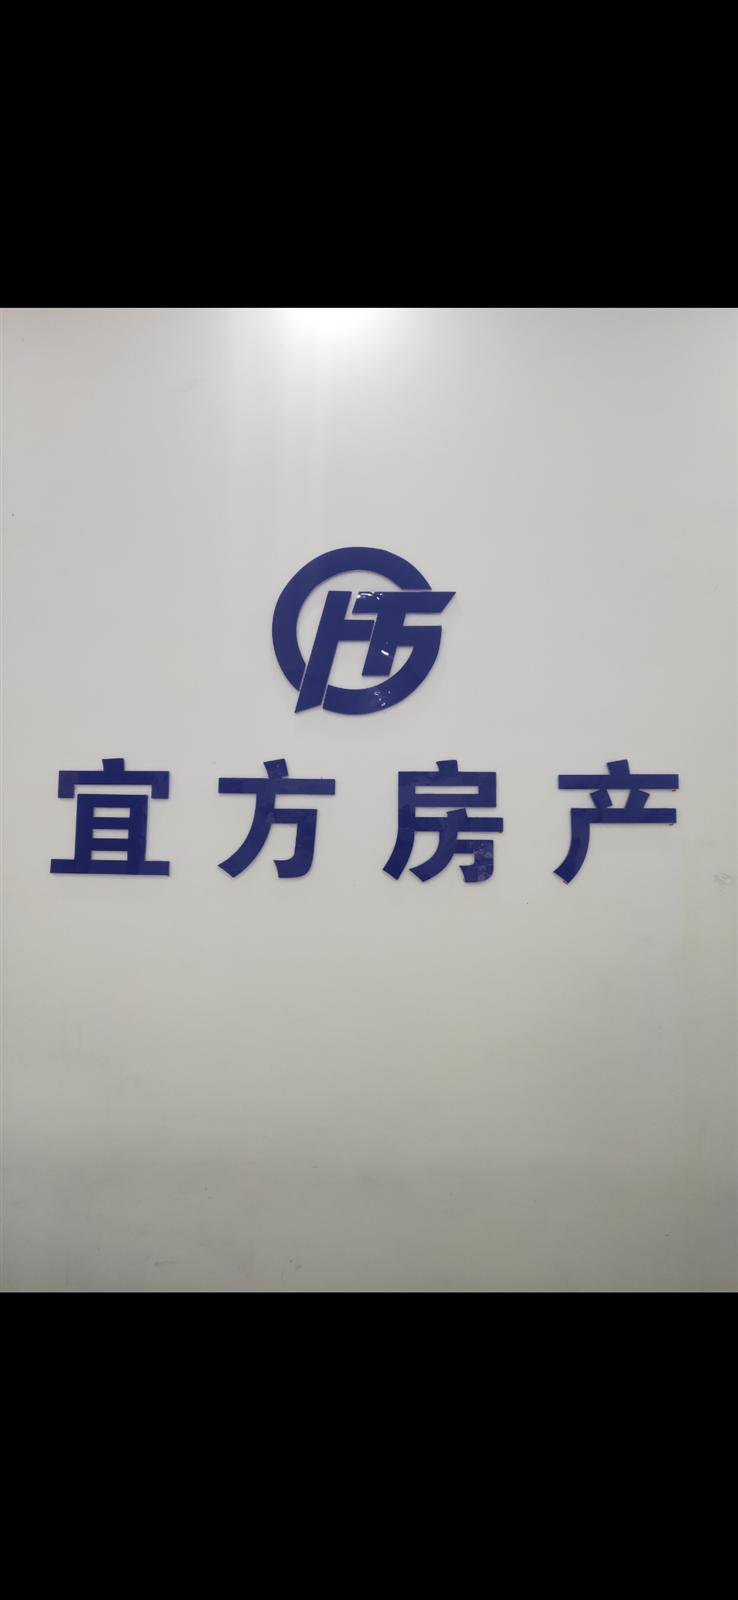 乌江明珠花园3卧室临江78万元